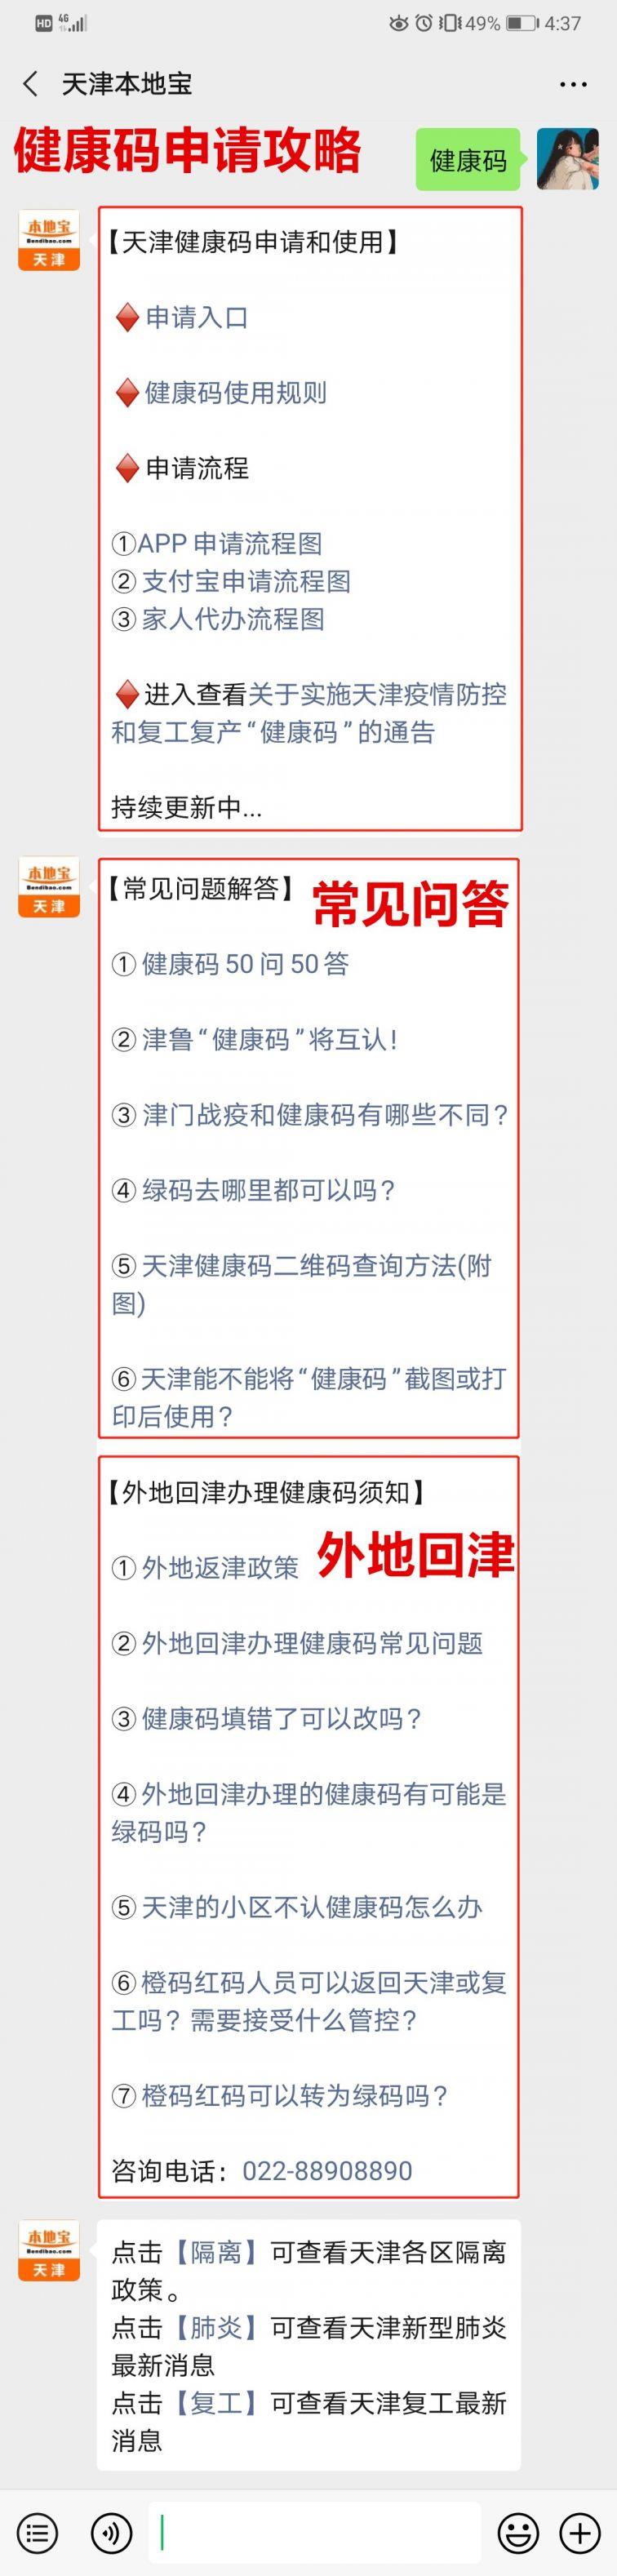 """天津健康码""""分几类?"""